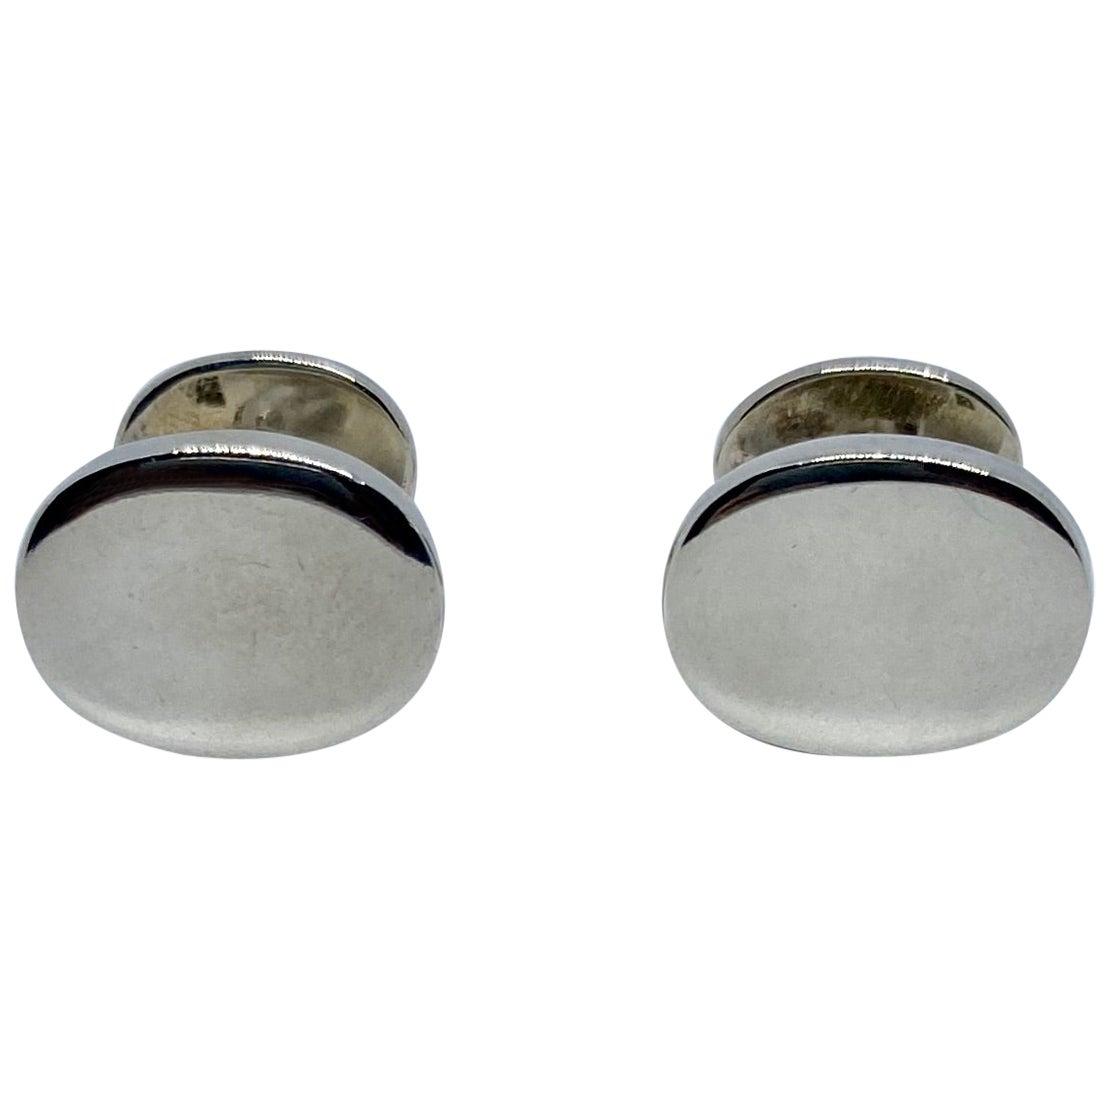 Oval Cufflinks in Sterling Silver